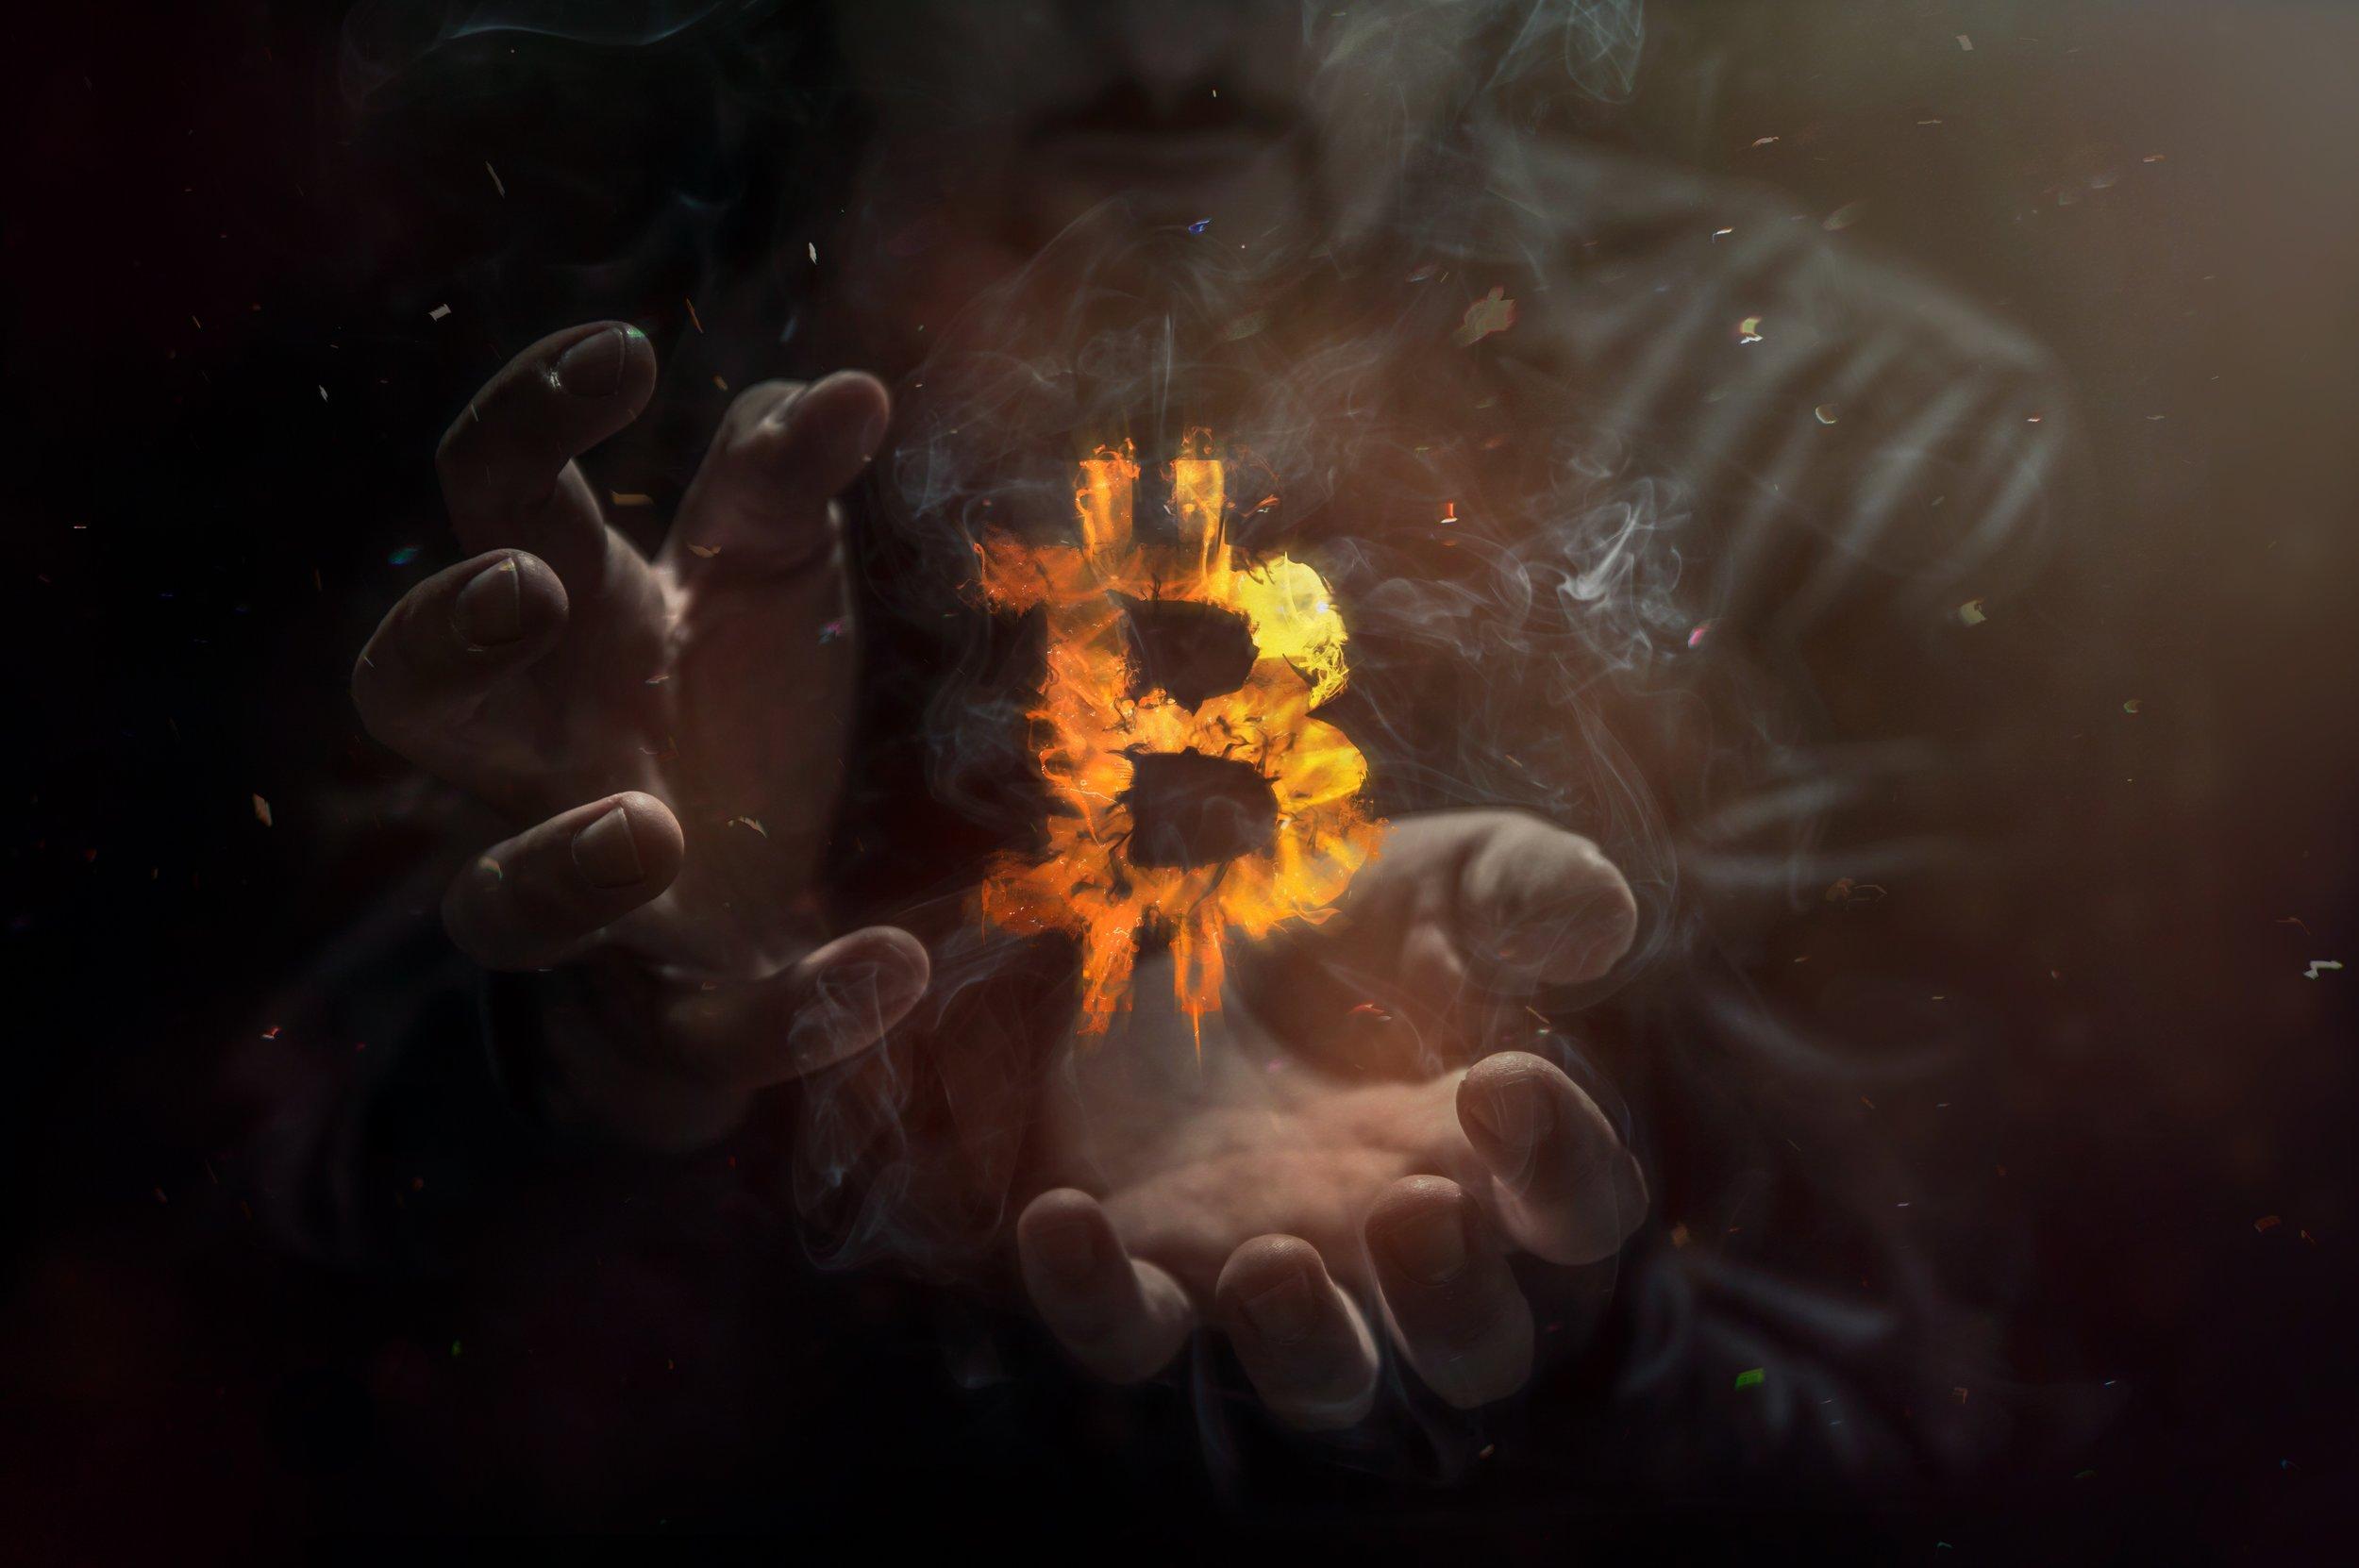 Burning-symbol-of-bitcoin.jpg